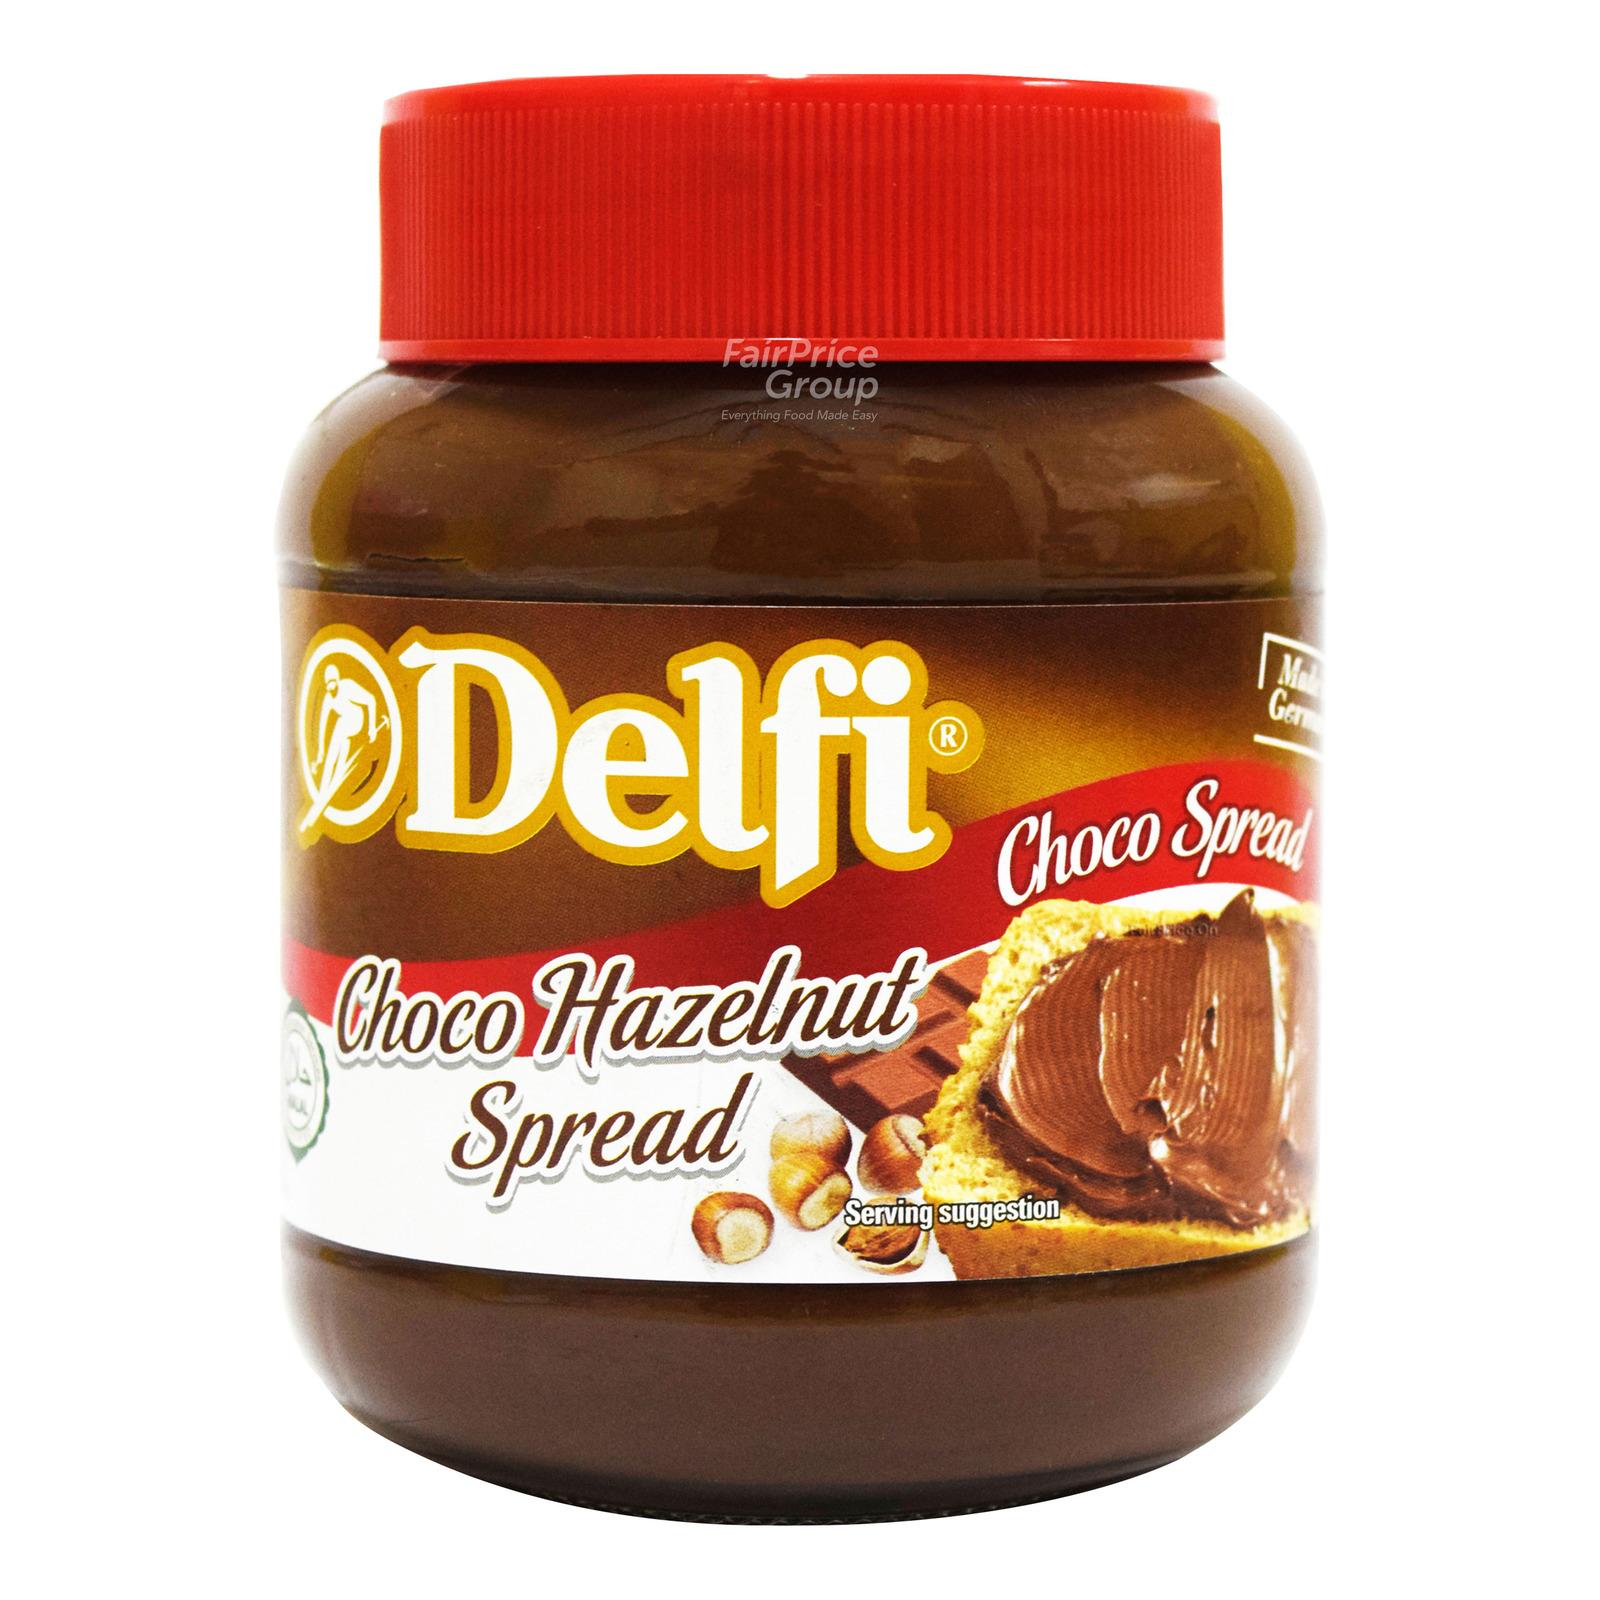 Delfi Chocolate Spread - Choco Hazelnut